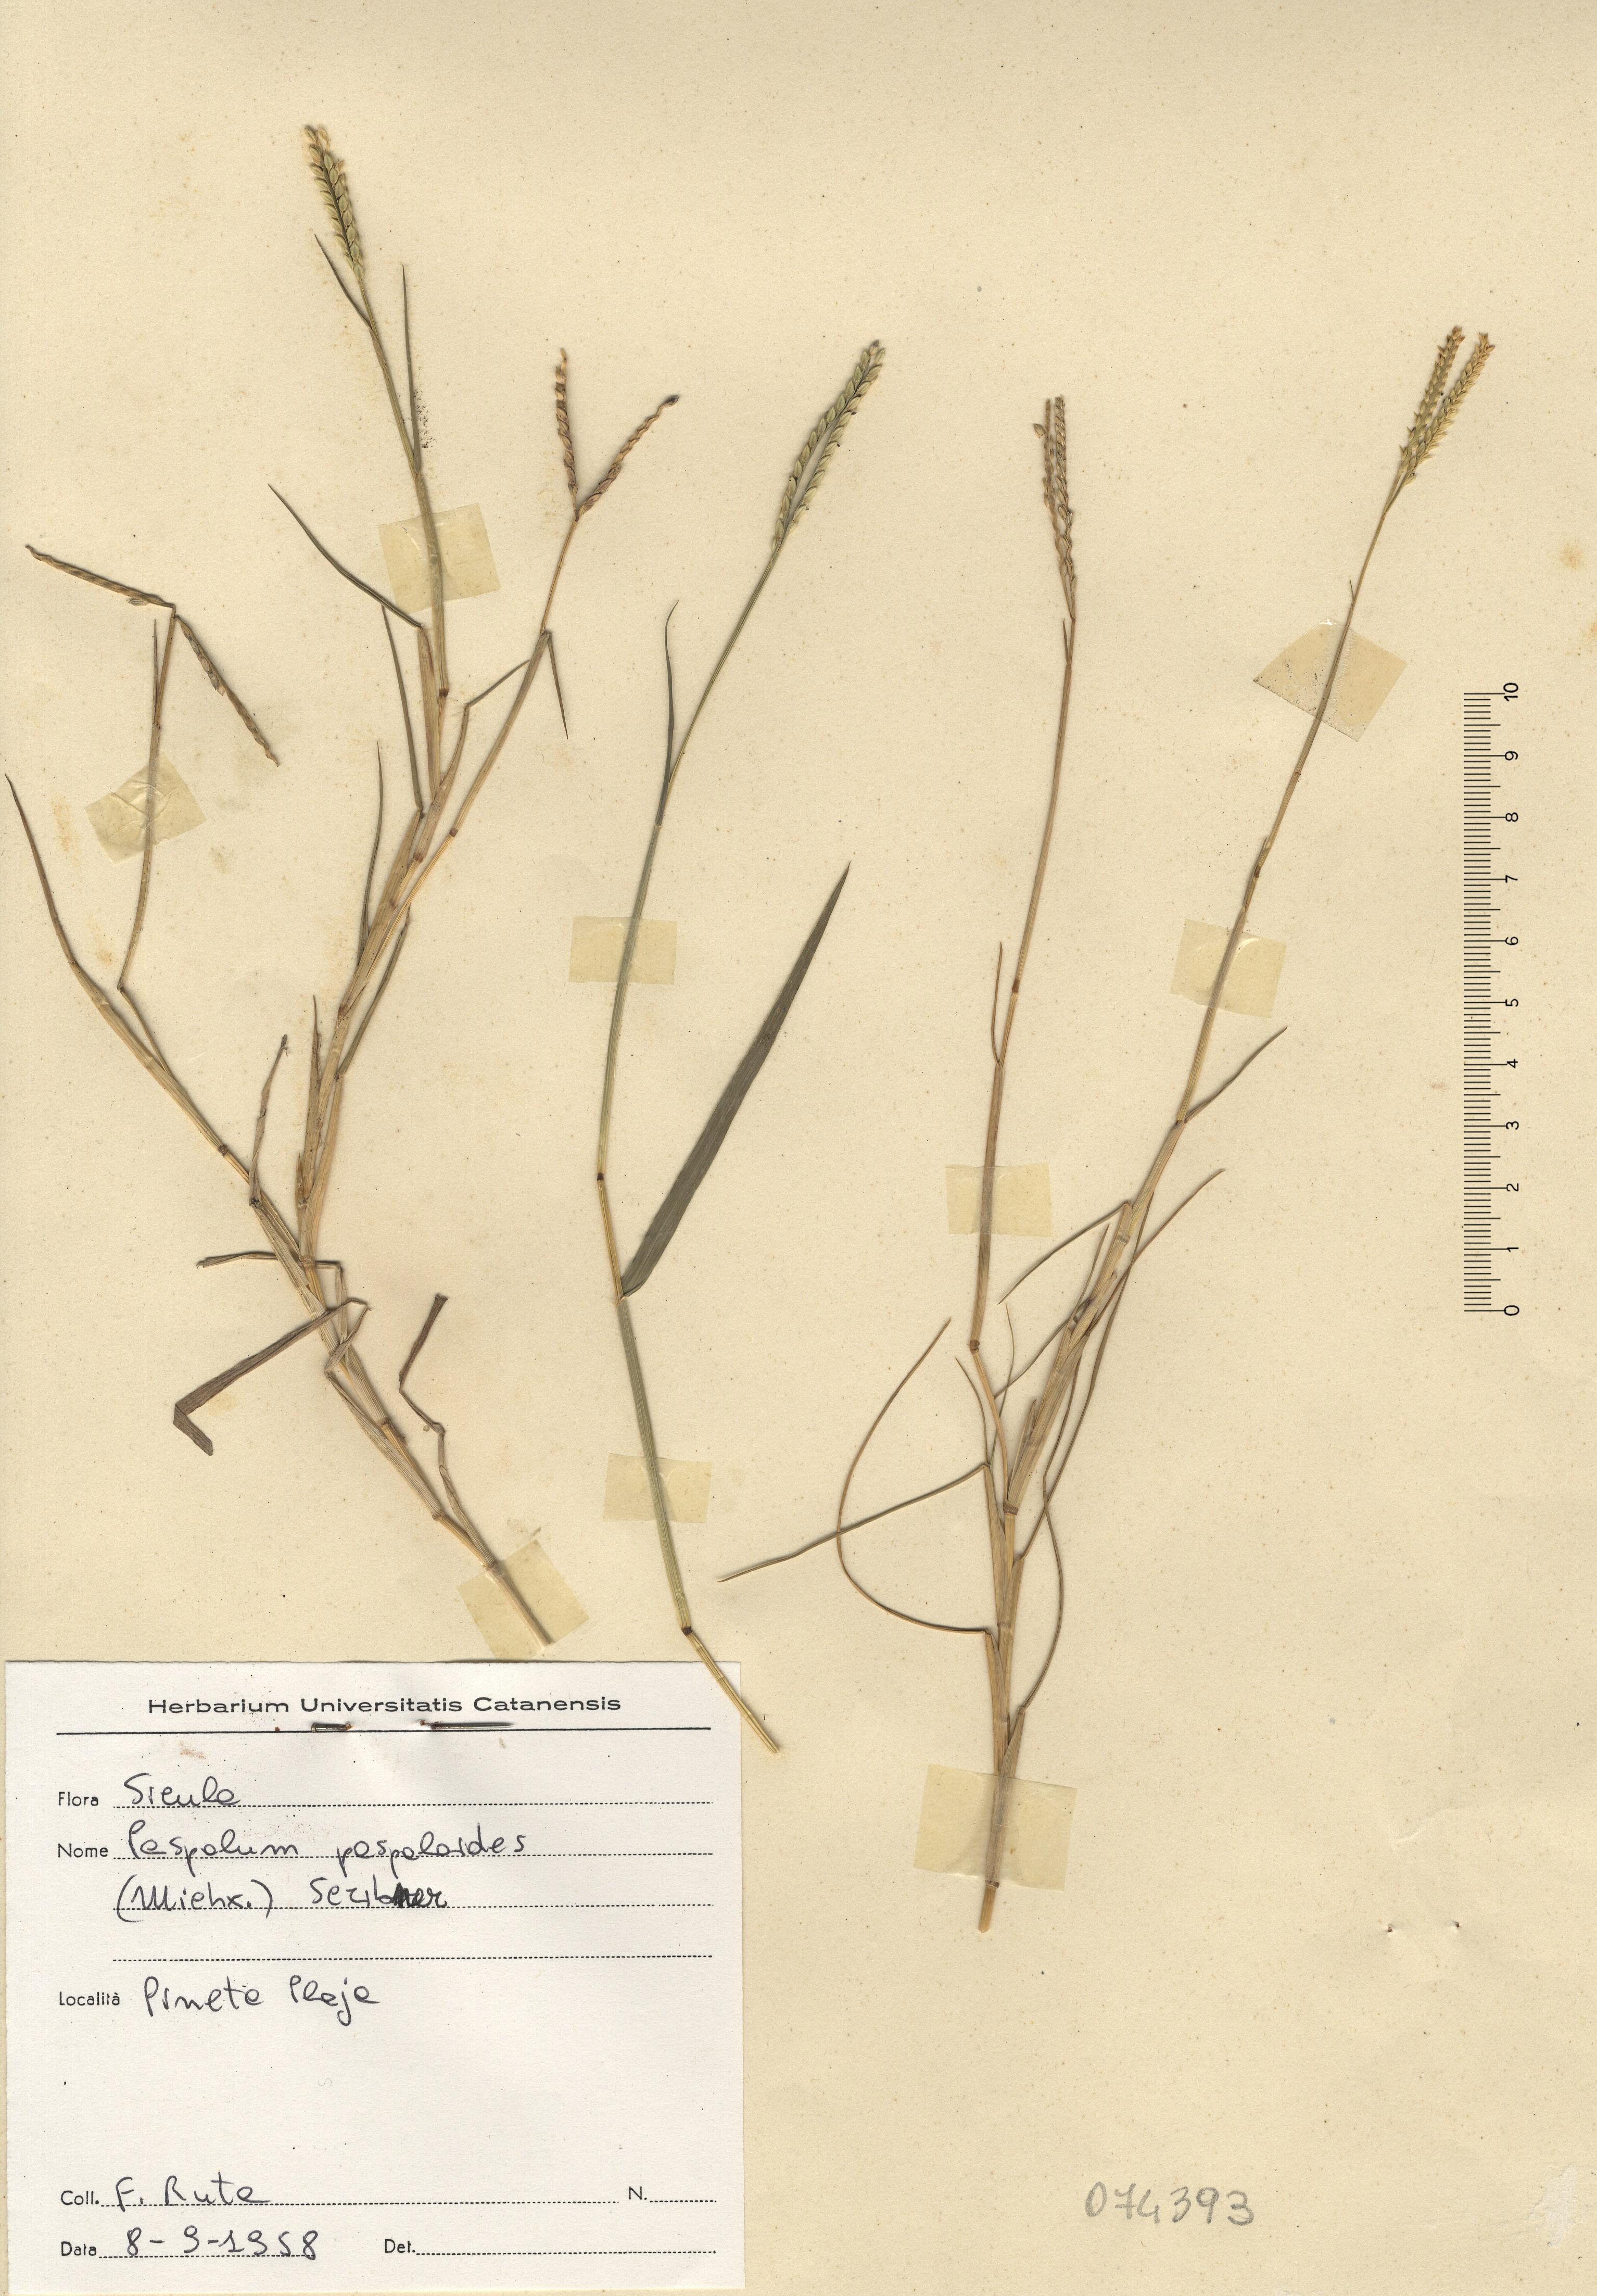 © Hortus Botanicus Catinensis - Herb. sheet 074393<br>